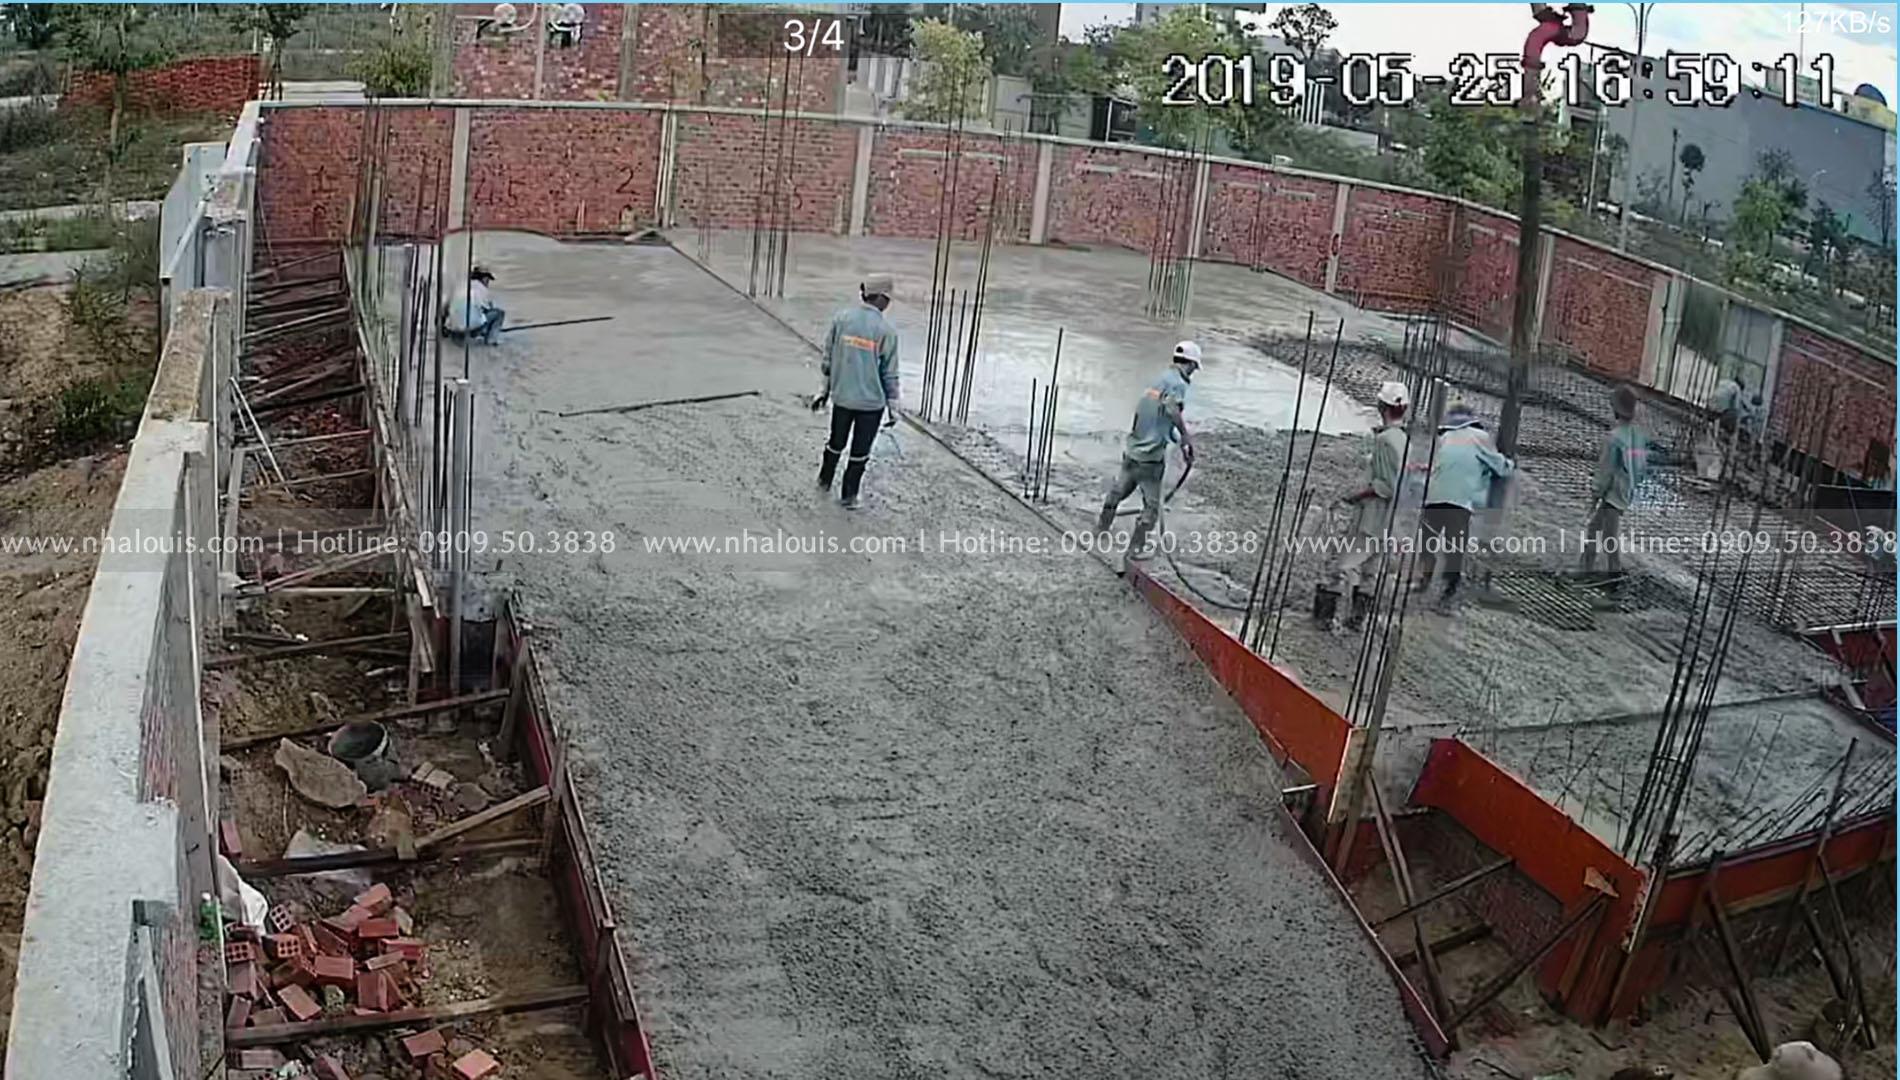 Thi công biệt thự 3 tầng tân cổ điển đẳng cấp tại Quảng Ngãi